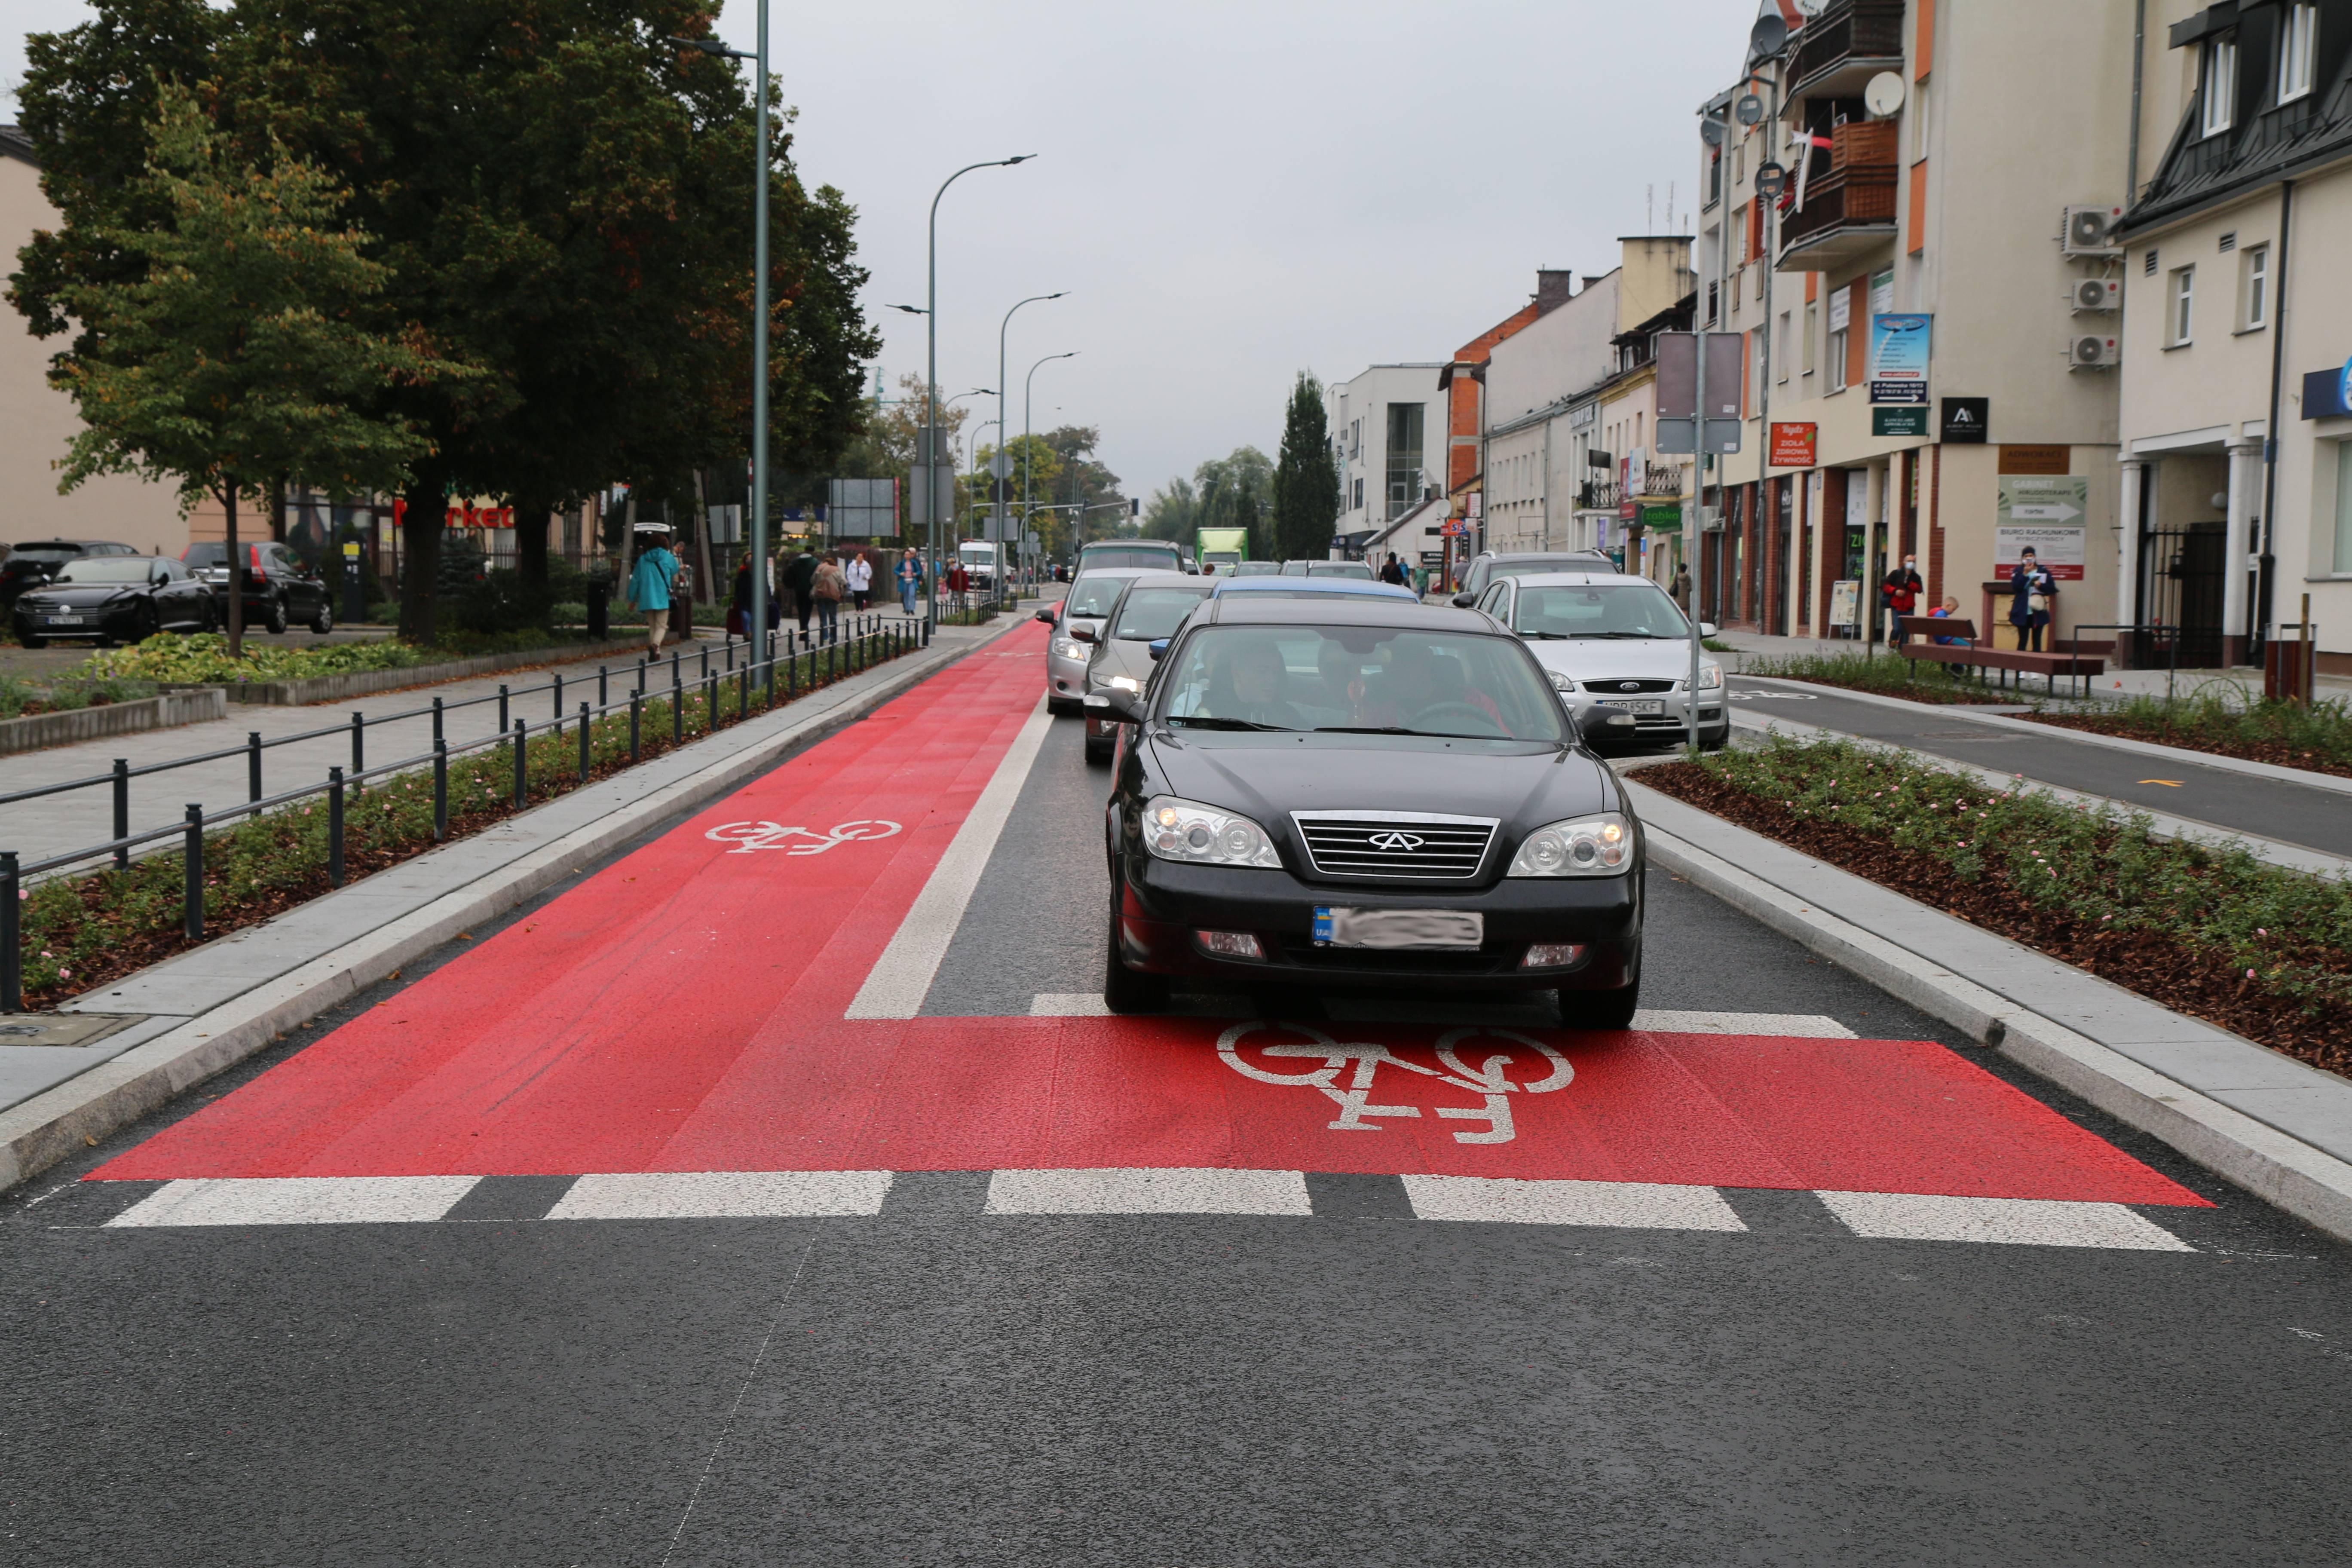 Nowa infrastruktura rowerowa w Piasecznie. na zdjęciu śluza rowerowa na ulicy Puławskiej.